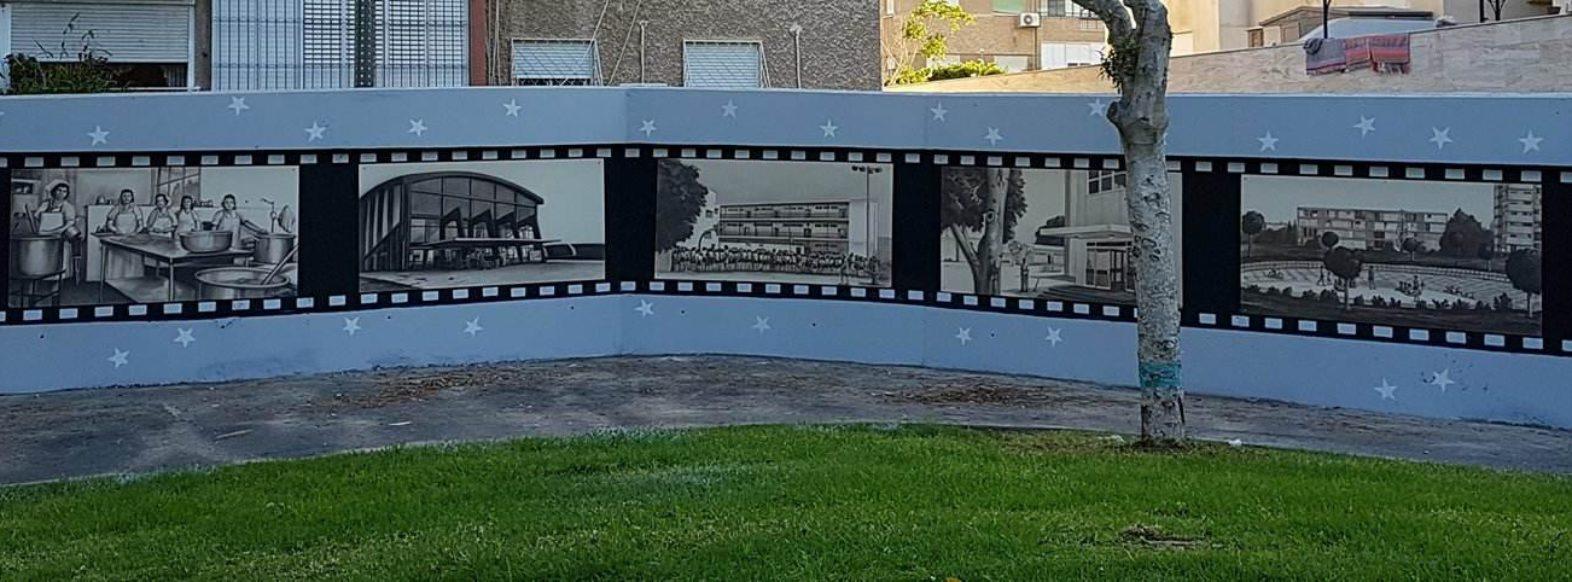 """""""קיר הנוסטלגיה"""" הוקם בפארק סביון בקרית ביאליק"""